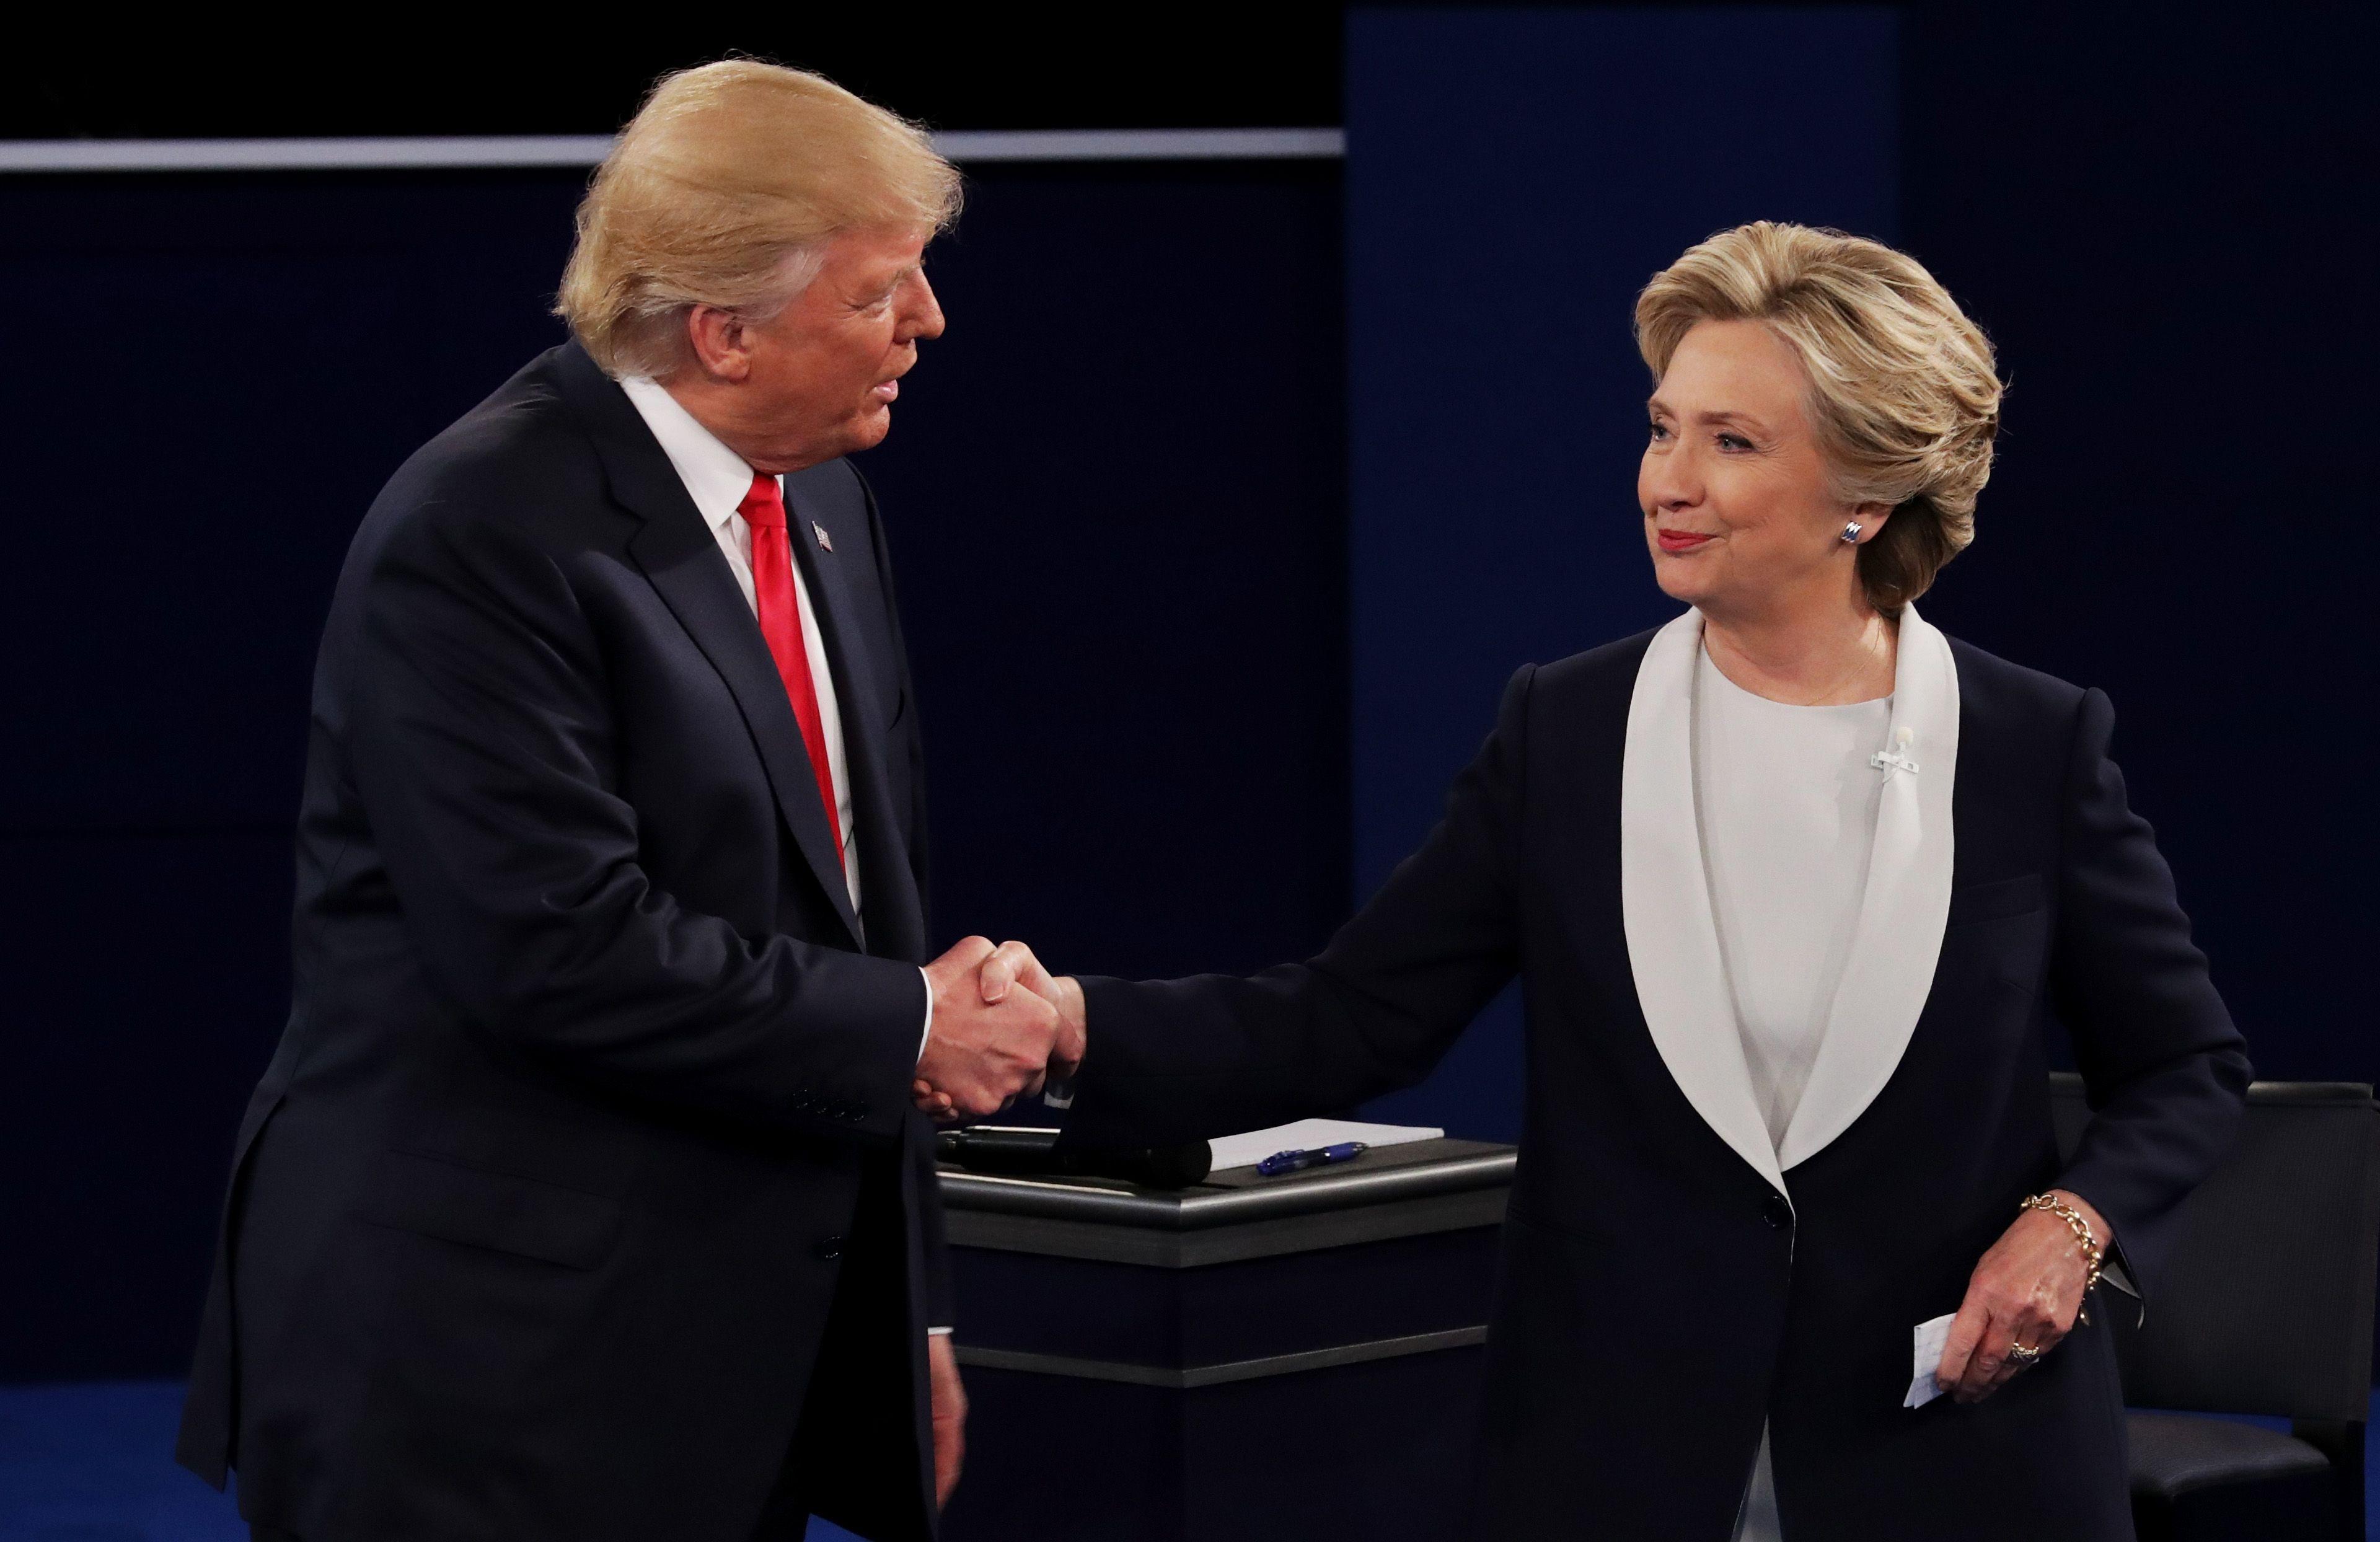 трамп, клінтон, дебати, сша